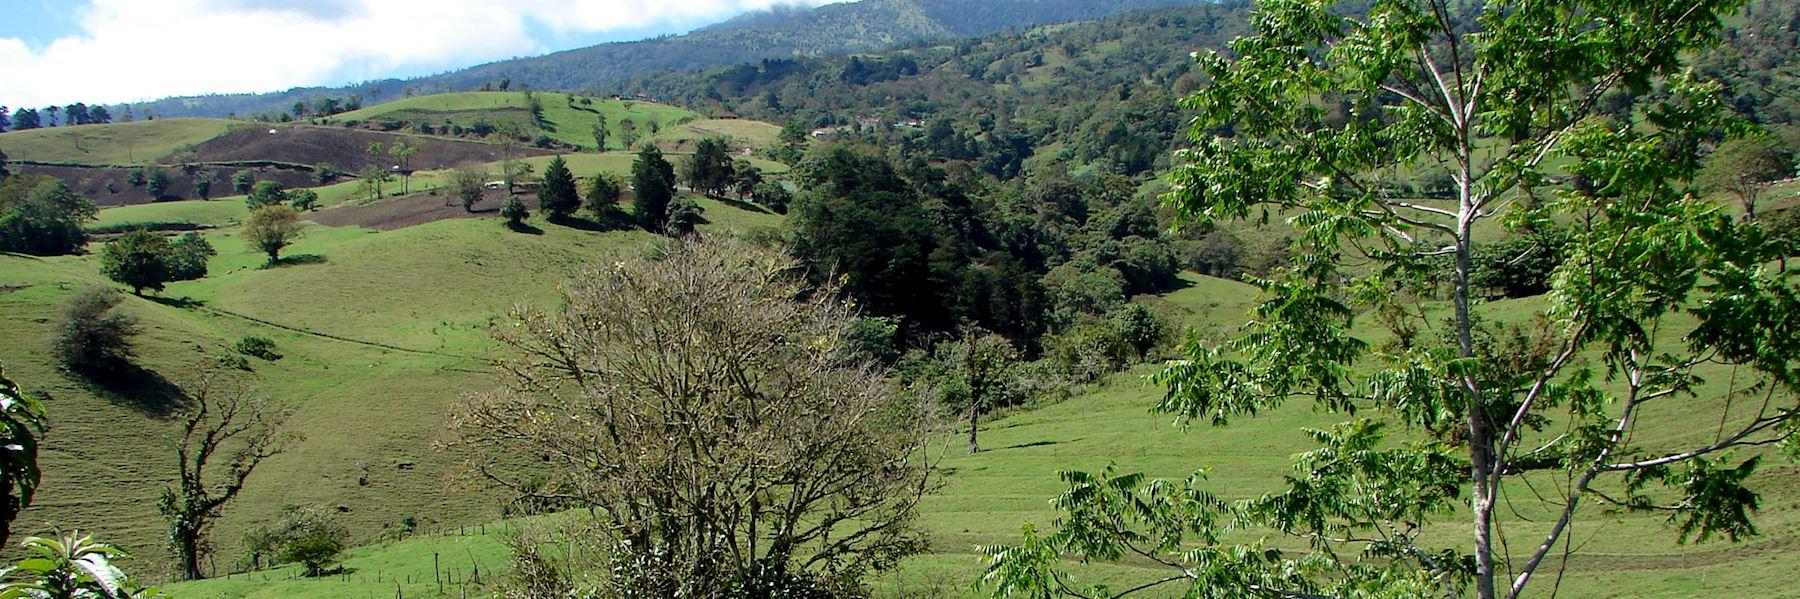 Visit Turrialba, Costa Rica